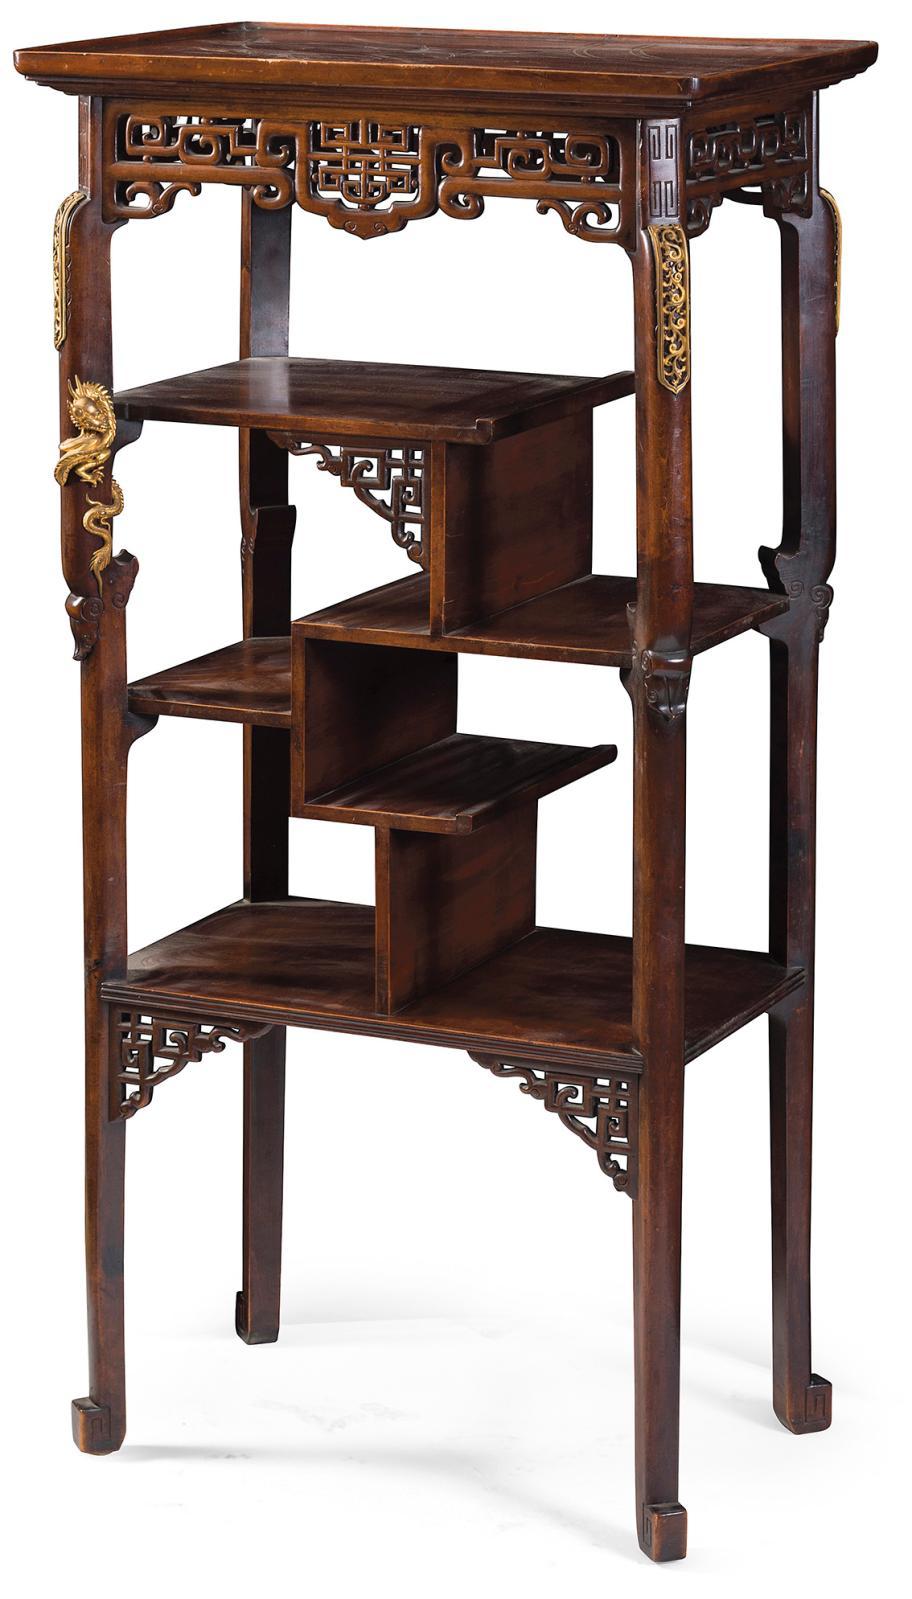 Sellette en bois sculpté, mouluré, patiné et ajouré, à décor de végétaux et de rinceaux stylisés, piétement en console réuni par des plate